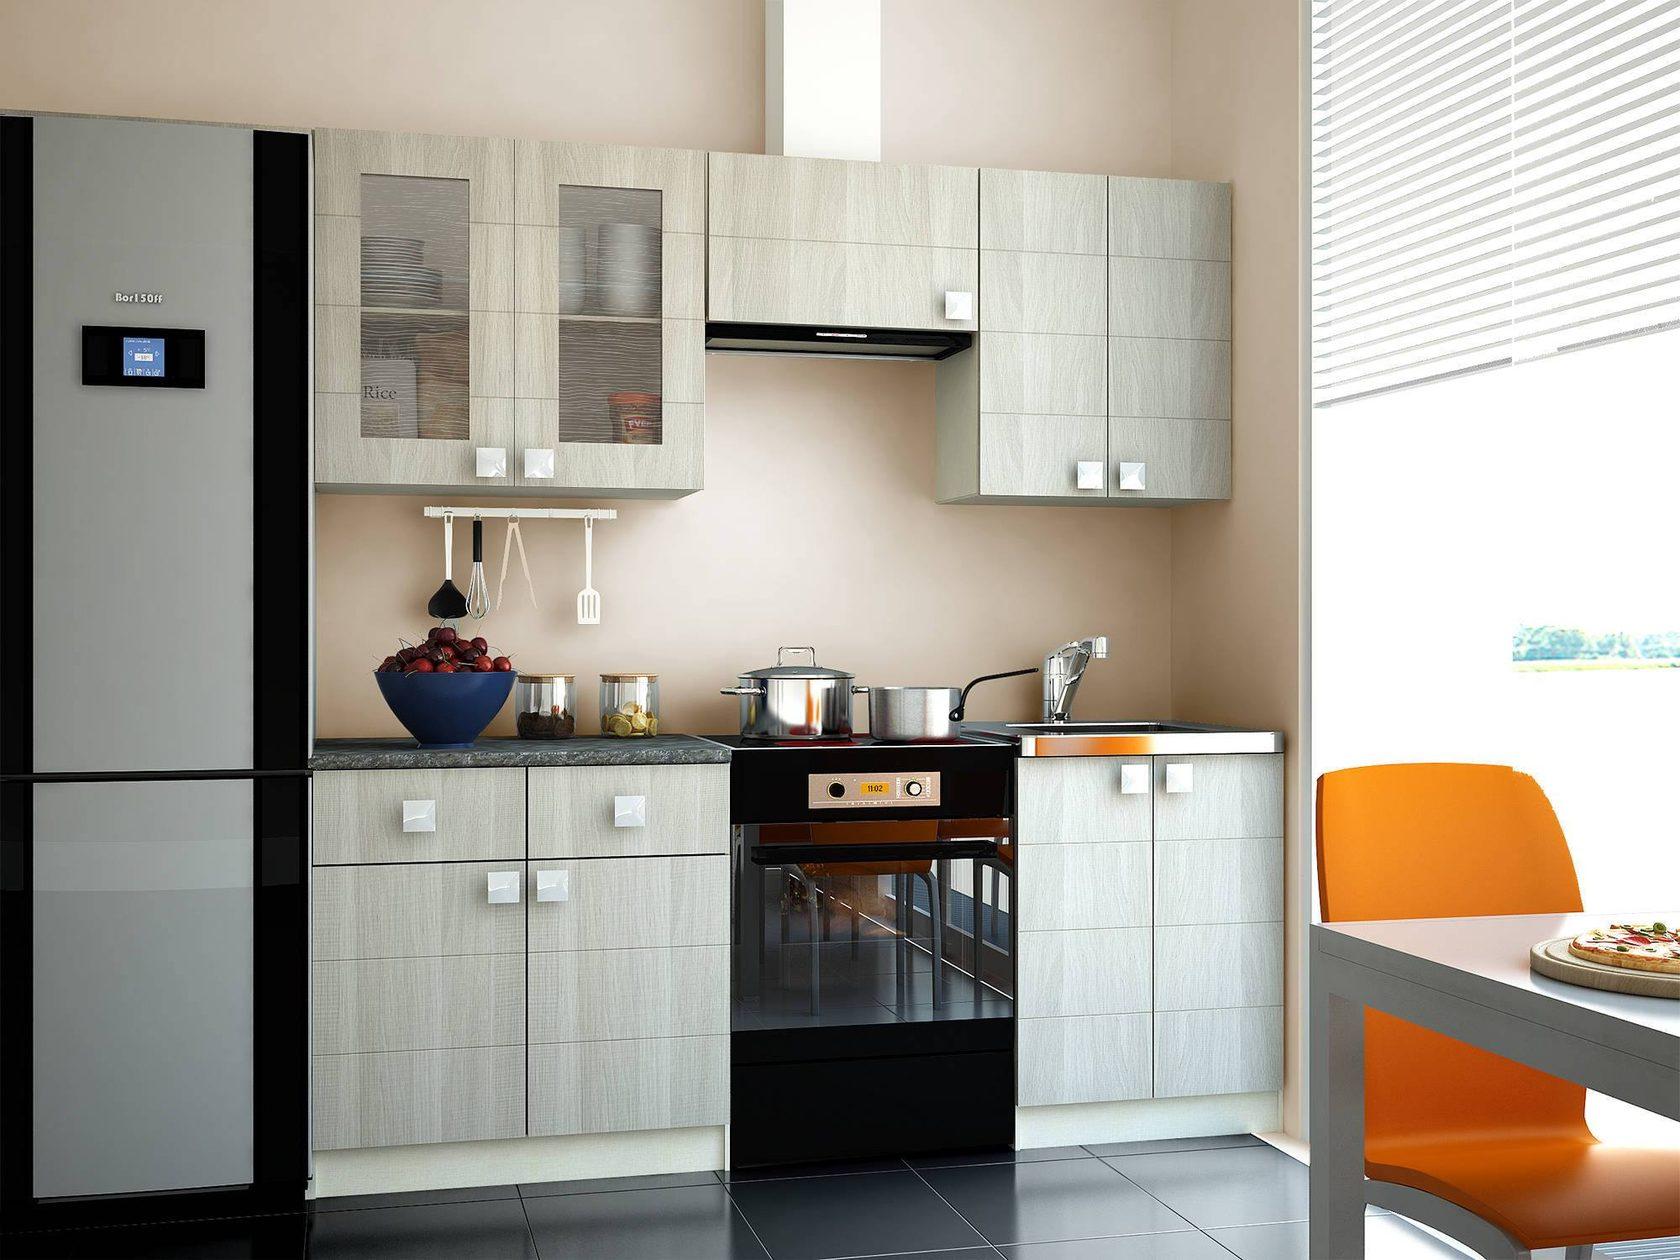 картинки модели кухонных гарнитуров фото вещью может